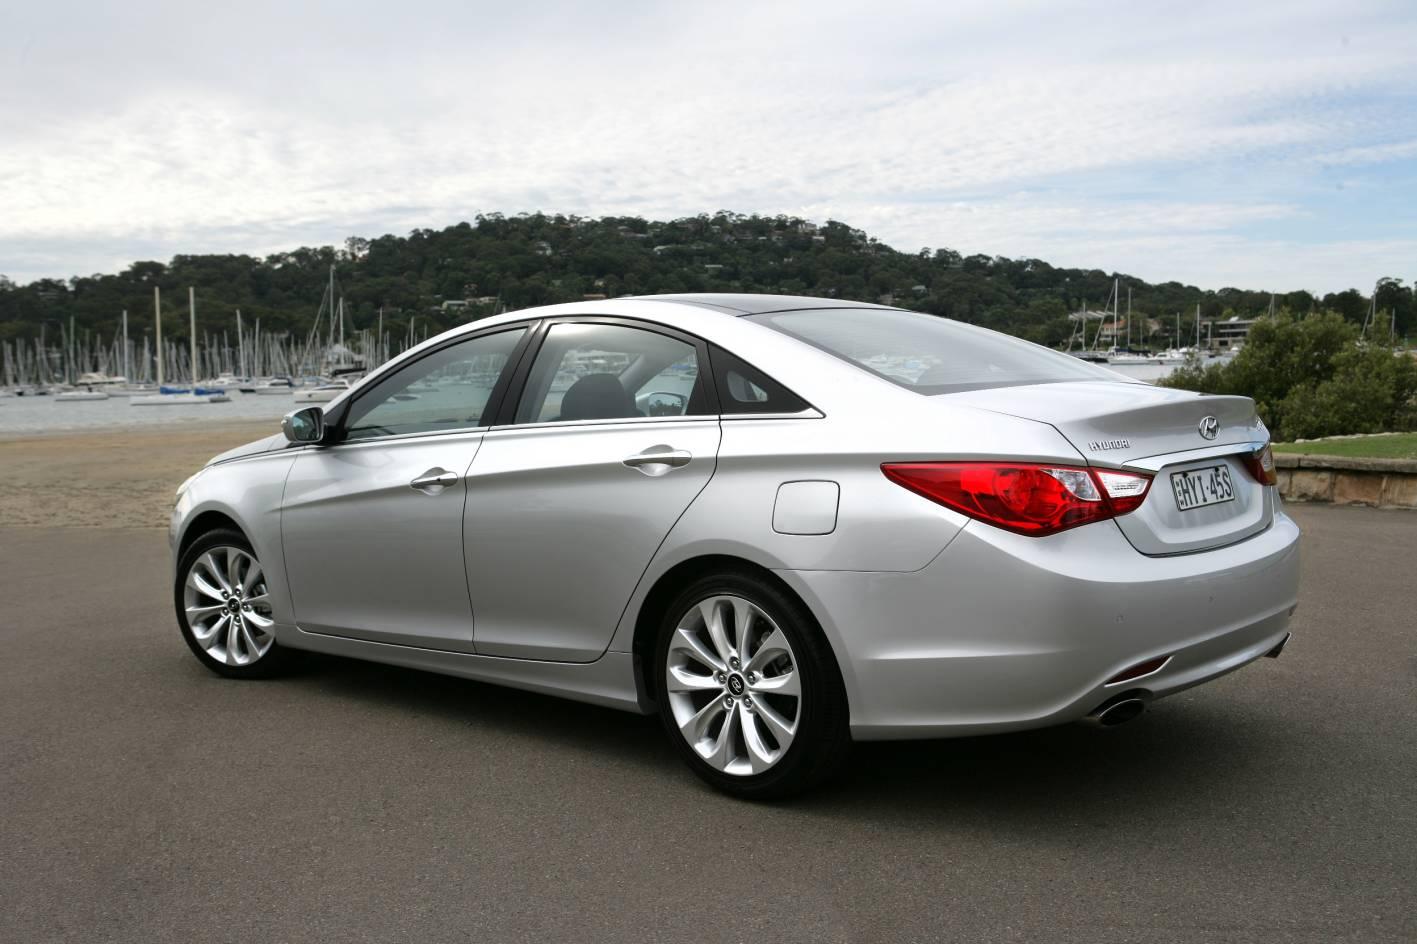 2010 Hyundai i45 Premium sedan - nice car; shame about the ride and handling